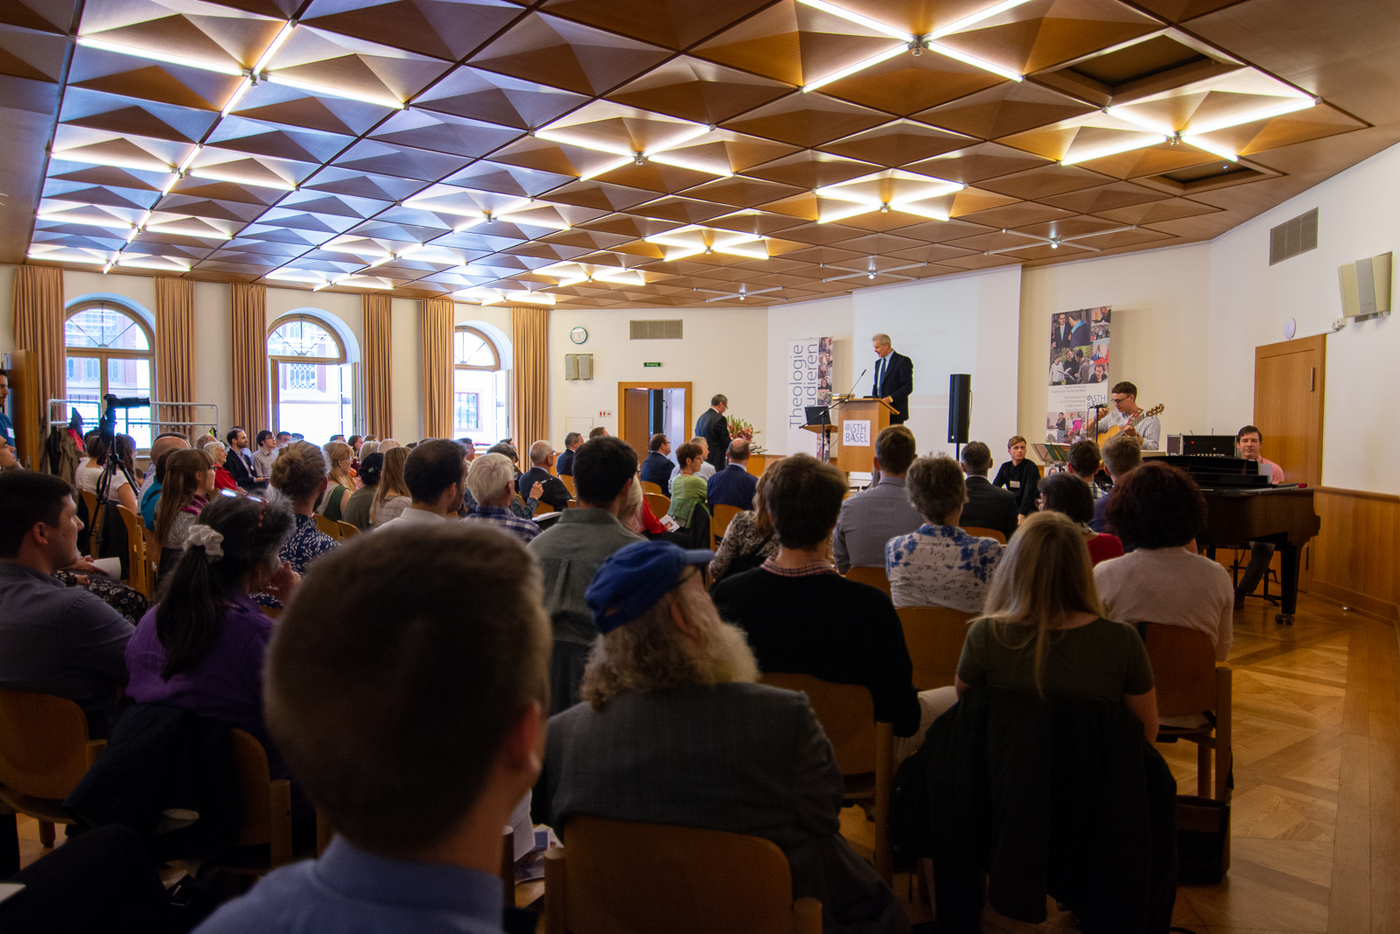 Abschlussfeier 2019 05 25 Sth Basel Haus Der Vereine (4)